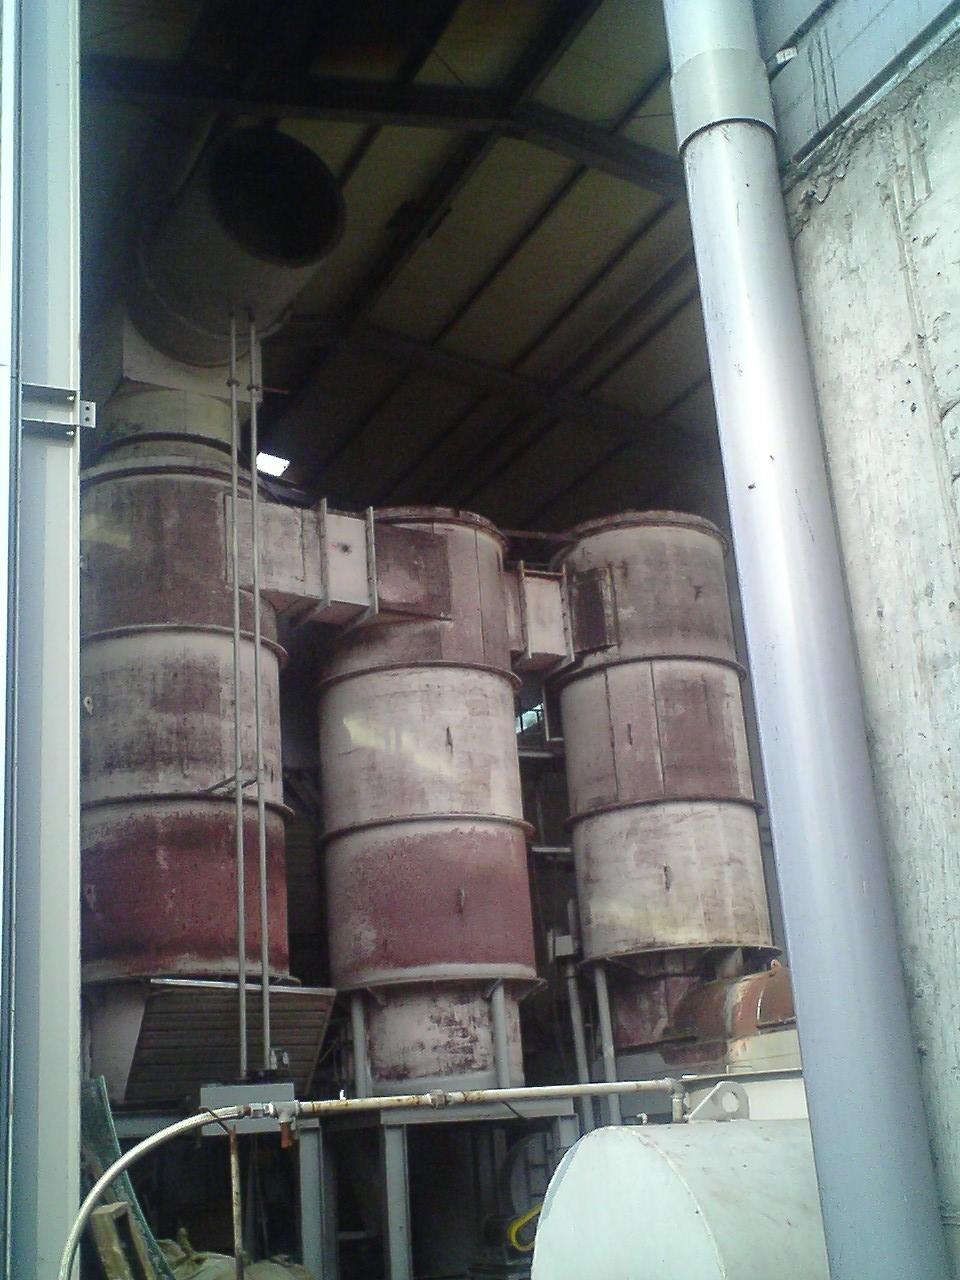 Supply Unused Equipment